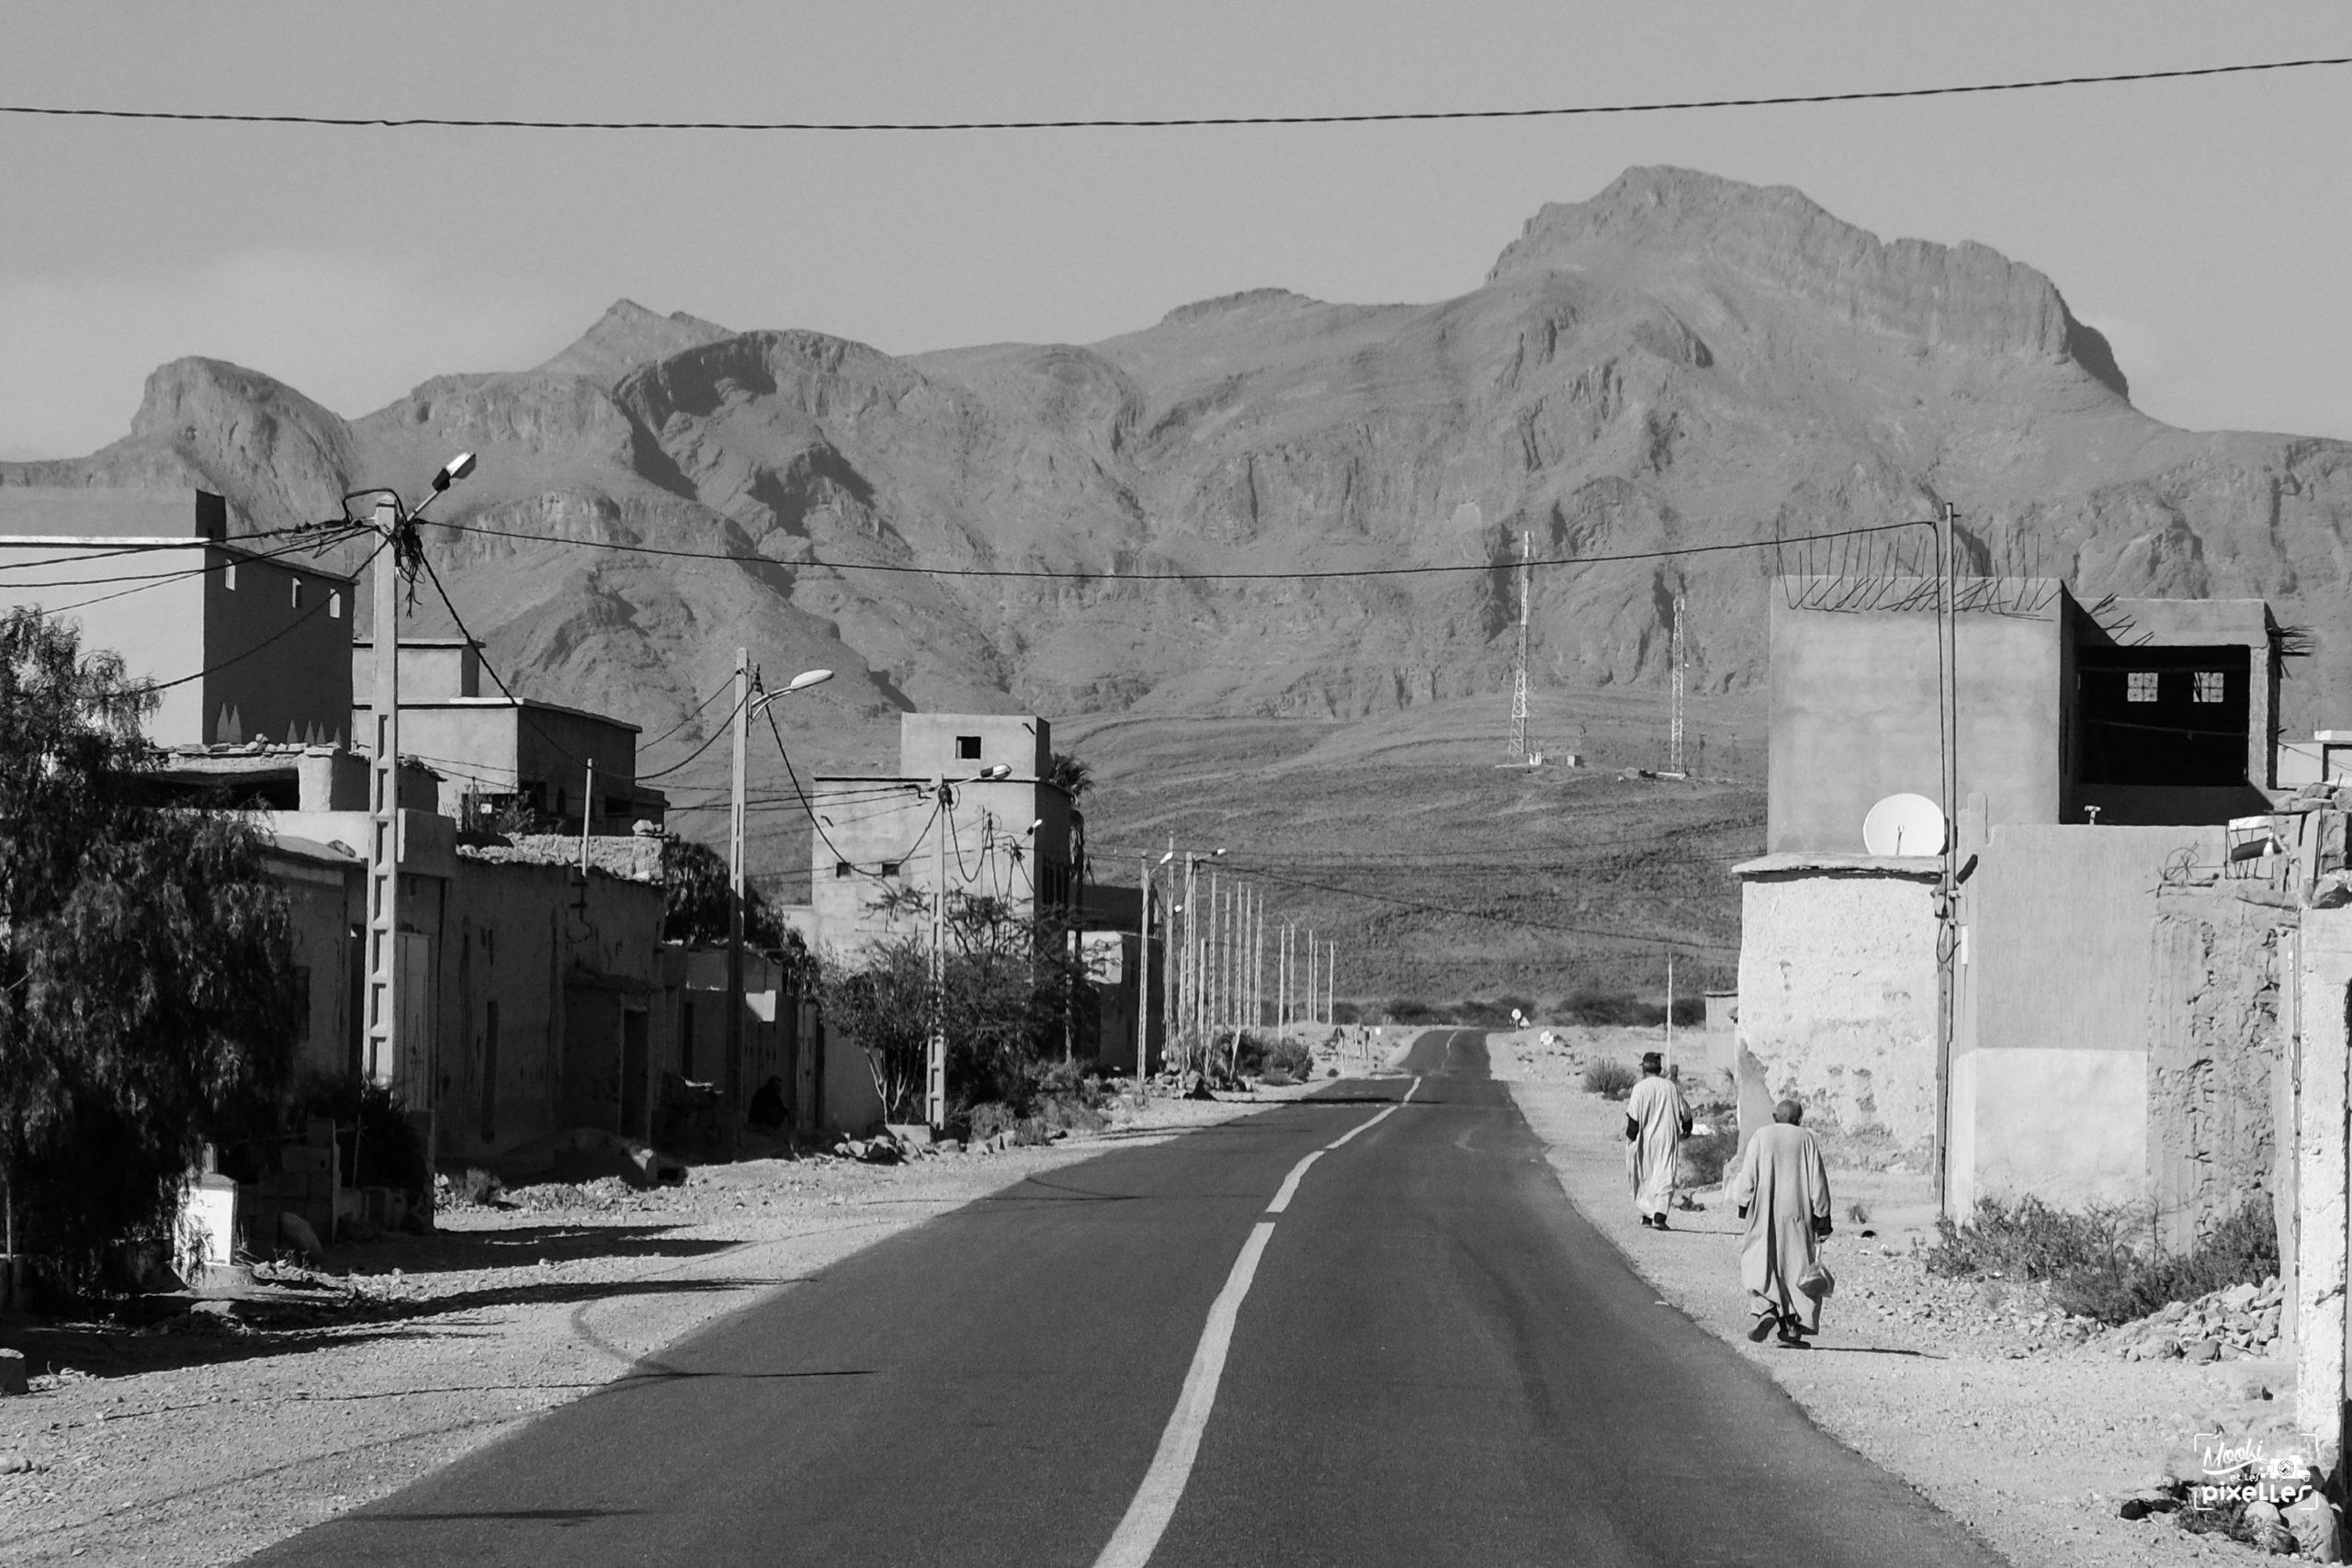 Rue au centre d'une petite ville du sud marocain